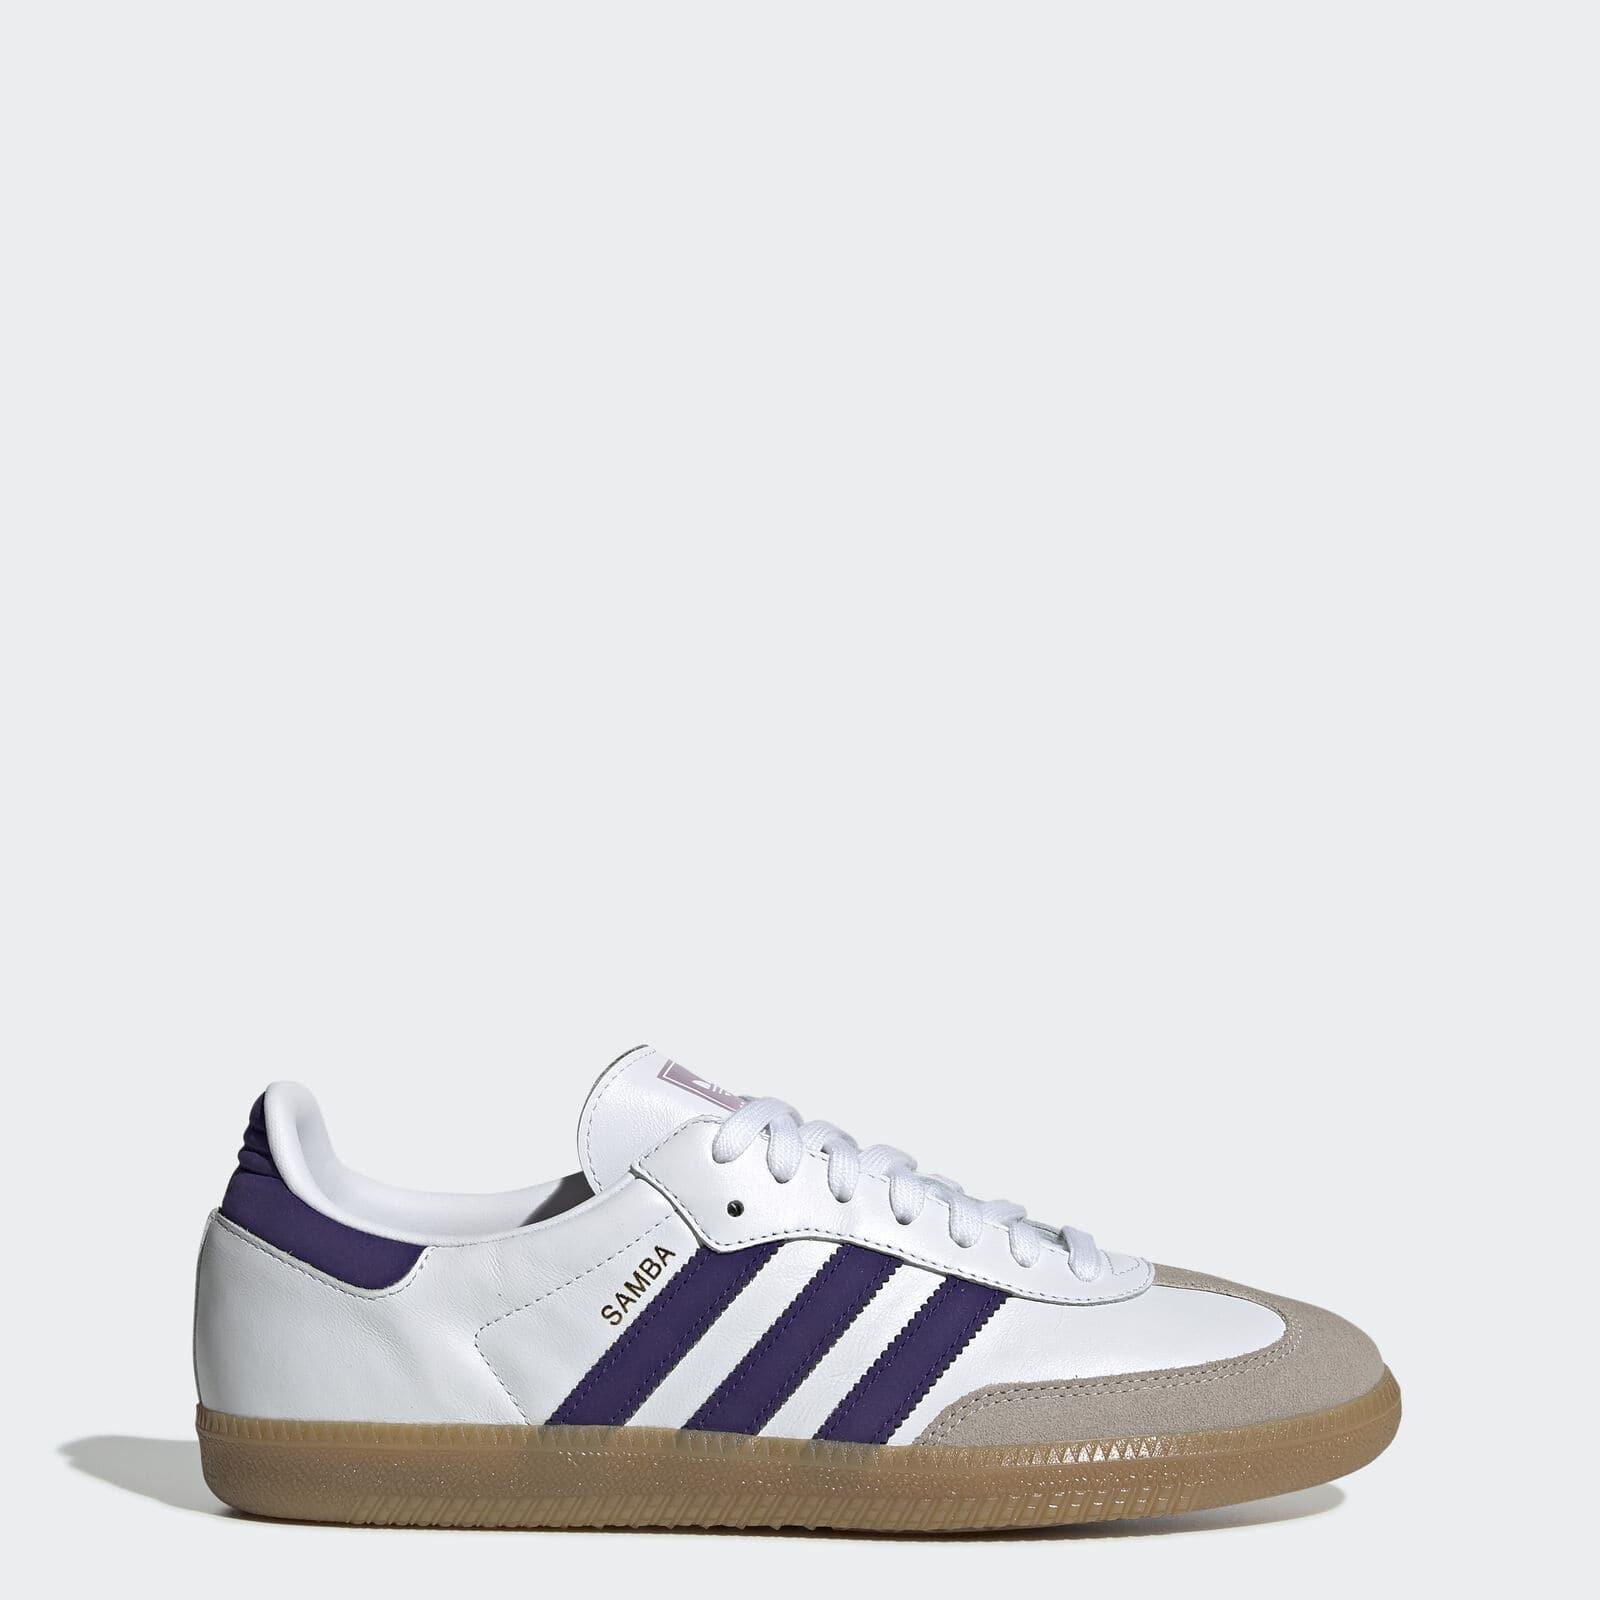 adidas Originals Men's Samba OG Shoes (White or Black)